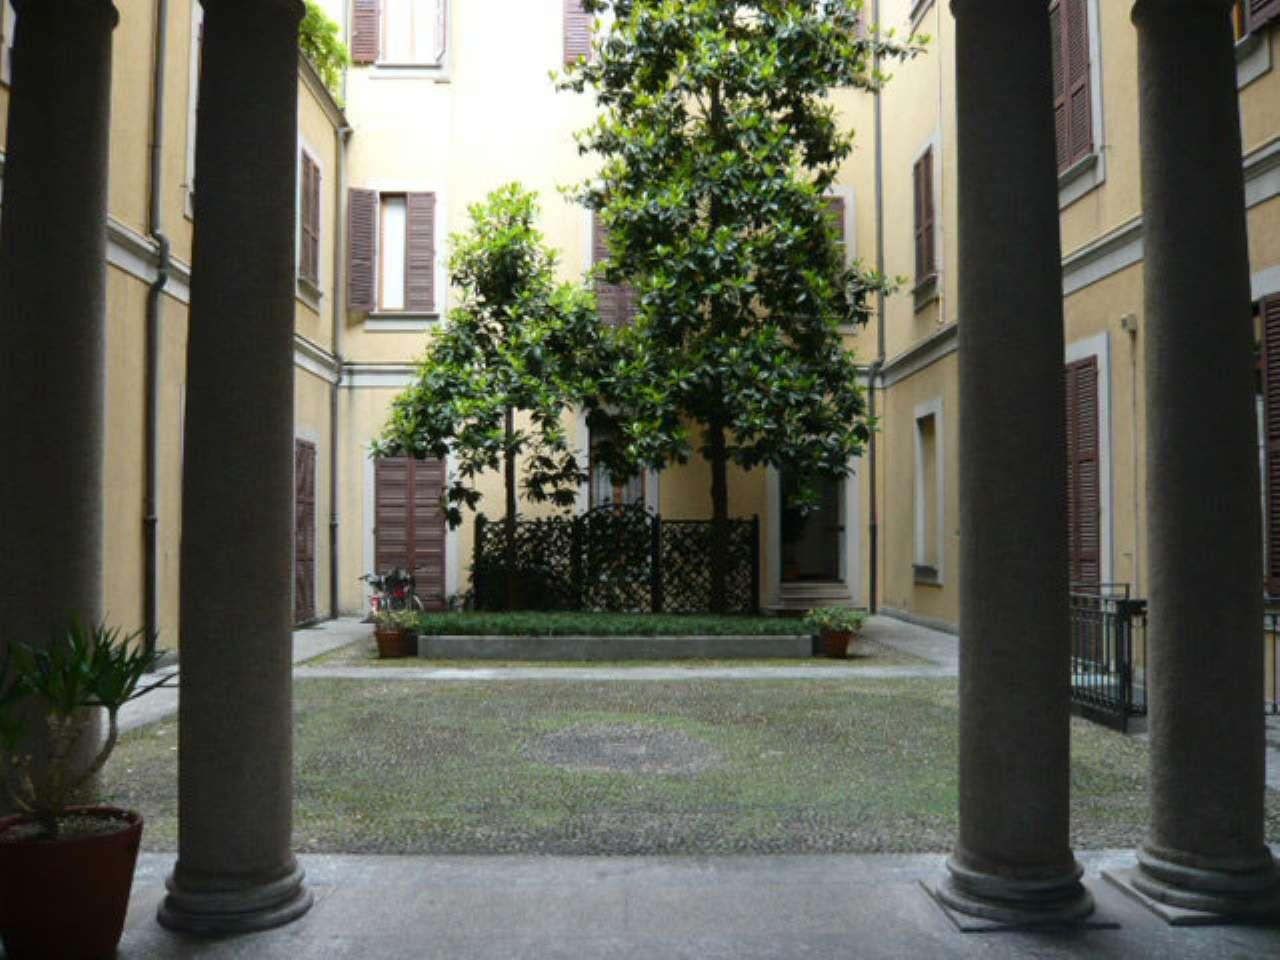 Appartamento in vendita a Milano, 6 locali, zona Zona: 1 . Centro Storico, Duomo, Brera, Cadorna, Cattolica, prezzo € 1.249.000 | Cambio Casa.it